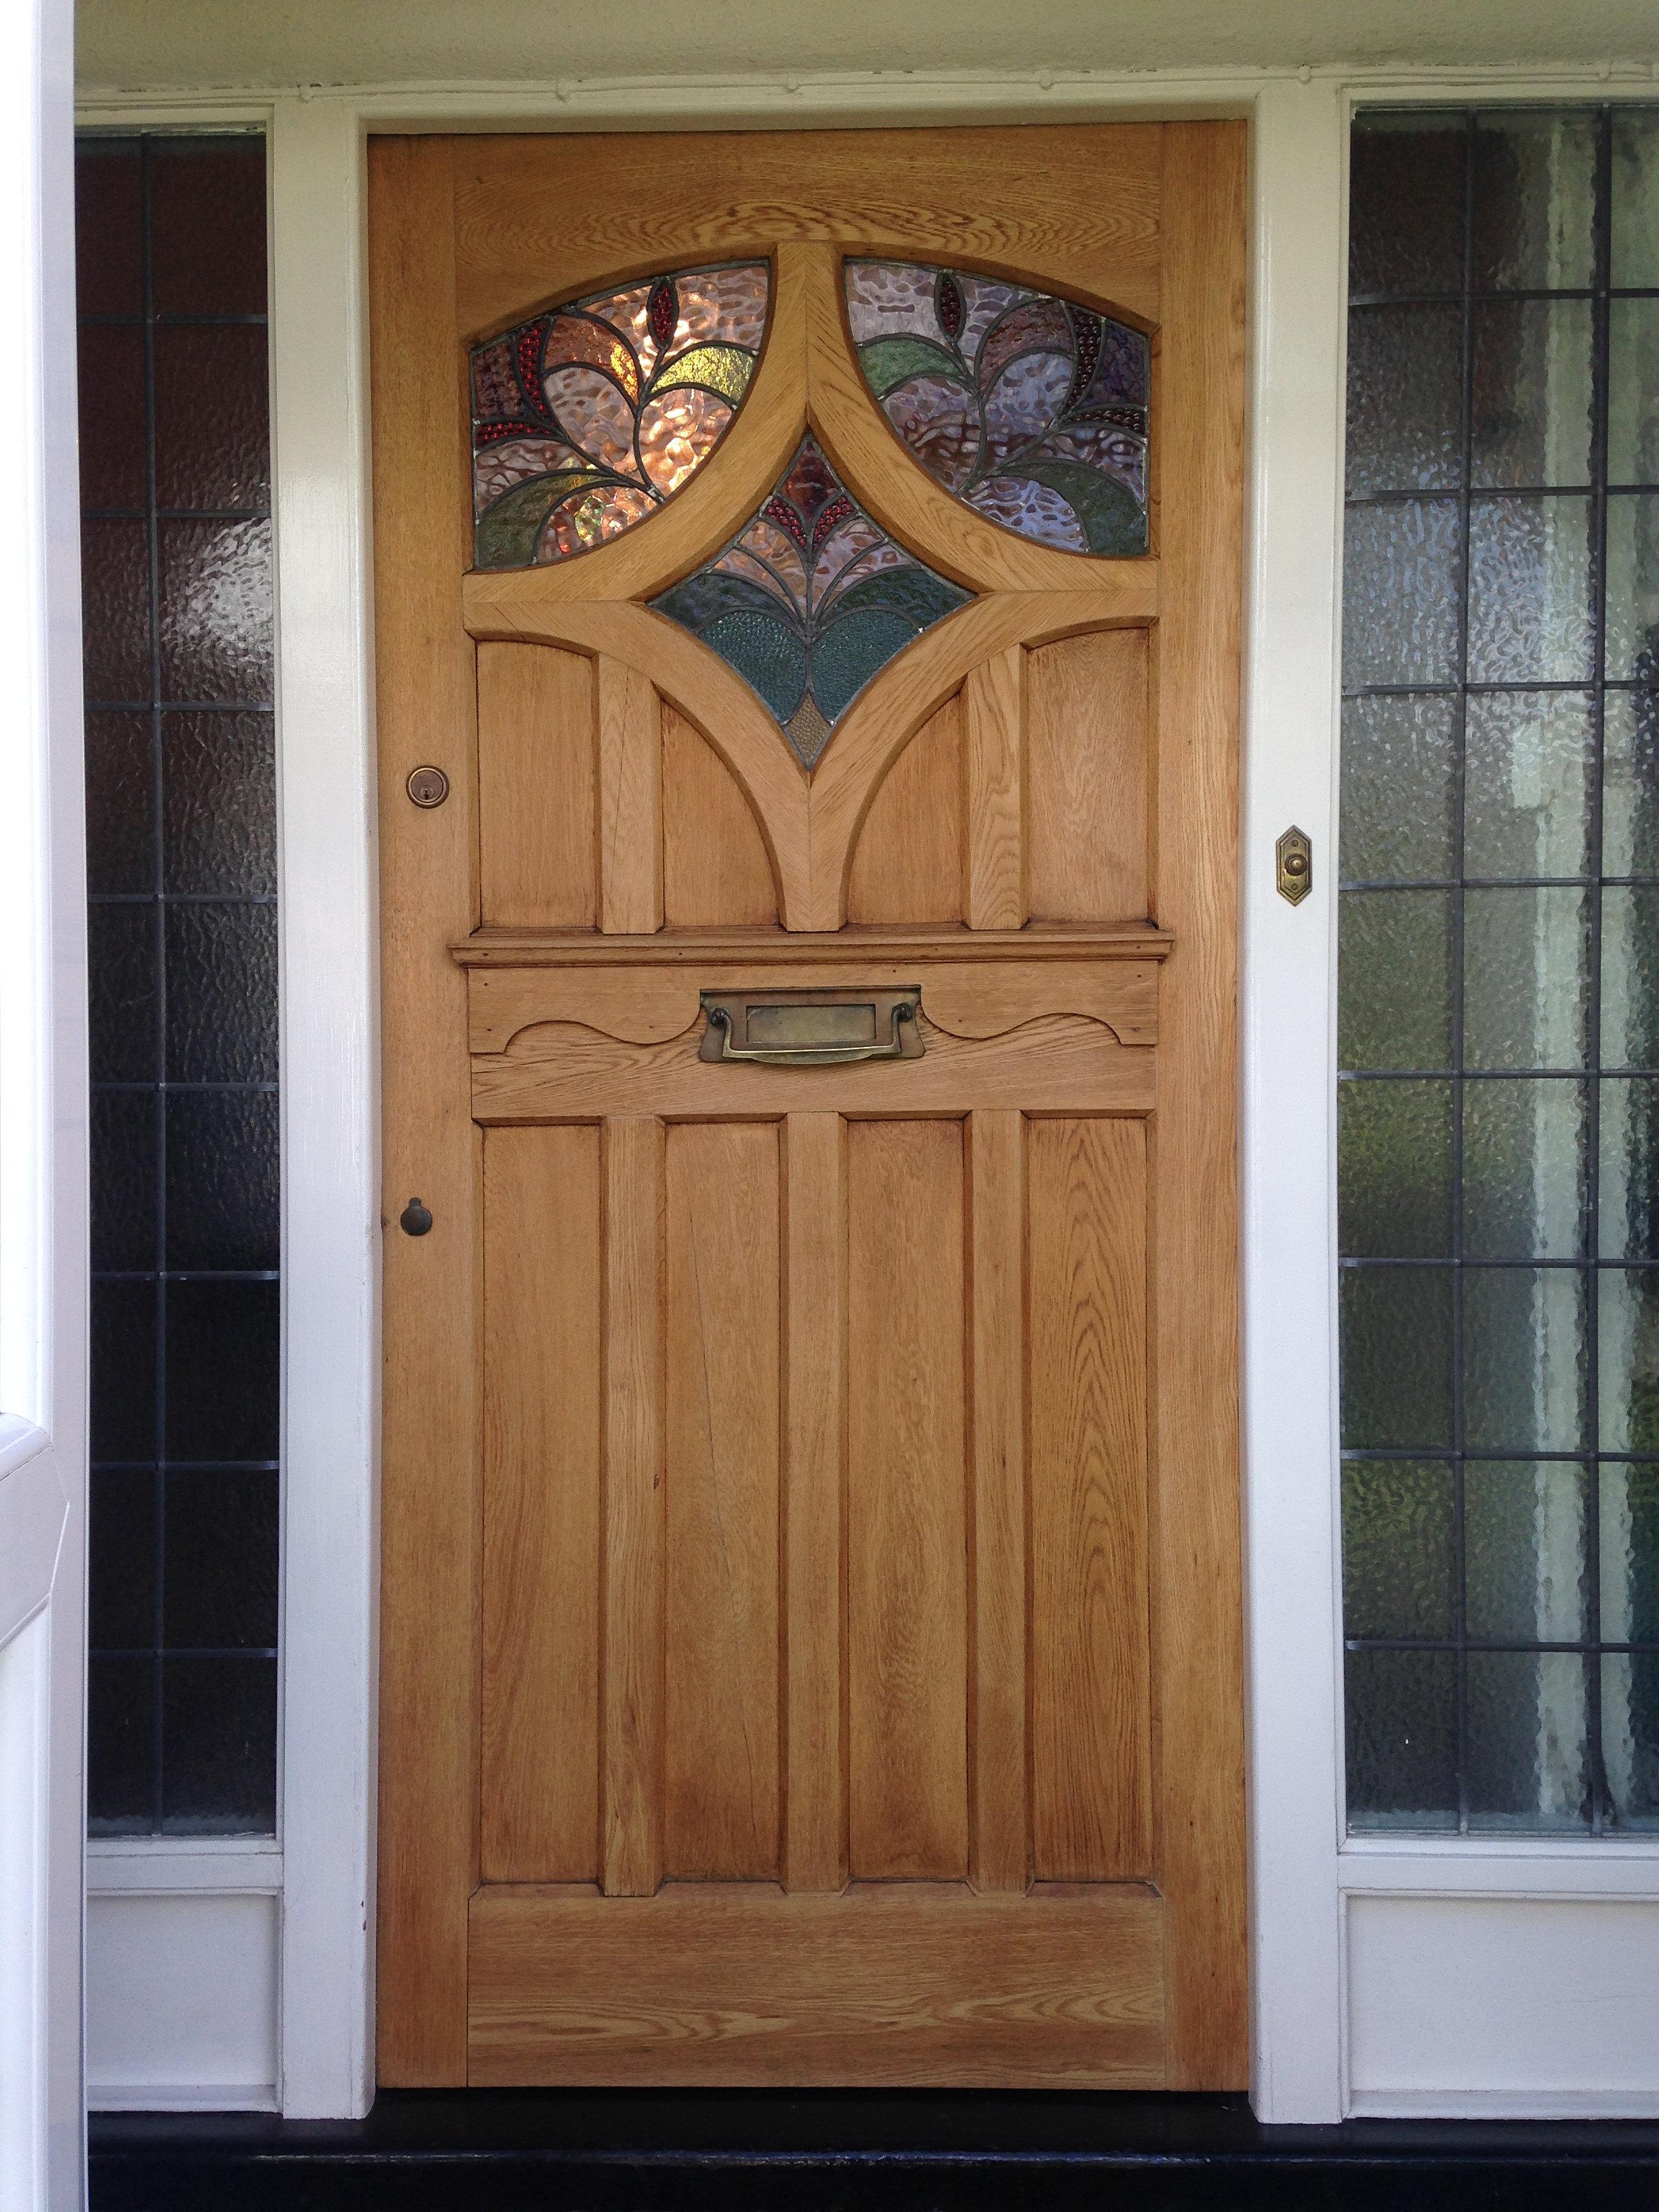 3264 #72482A Victorian Door Company Bespoke Wooden Front Doors Oak Front Door  pic Stained Glass Panels For Front Doors 40212448